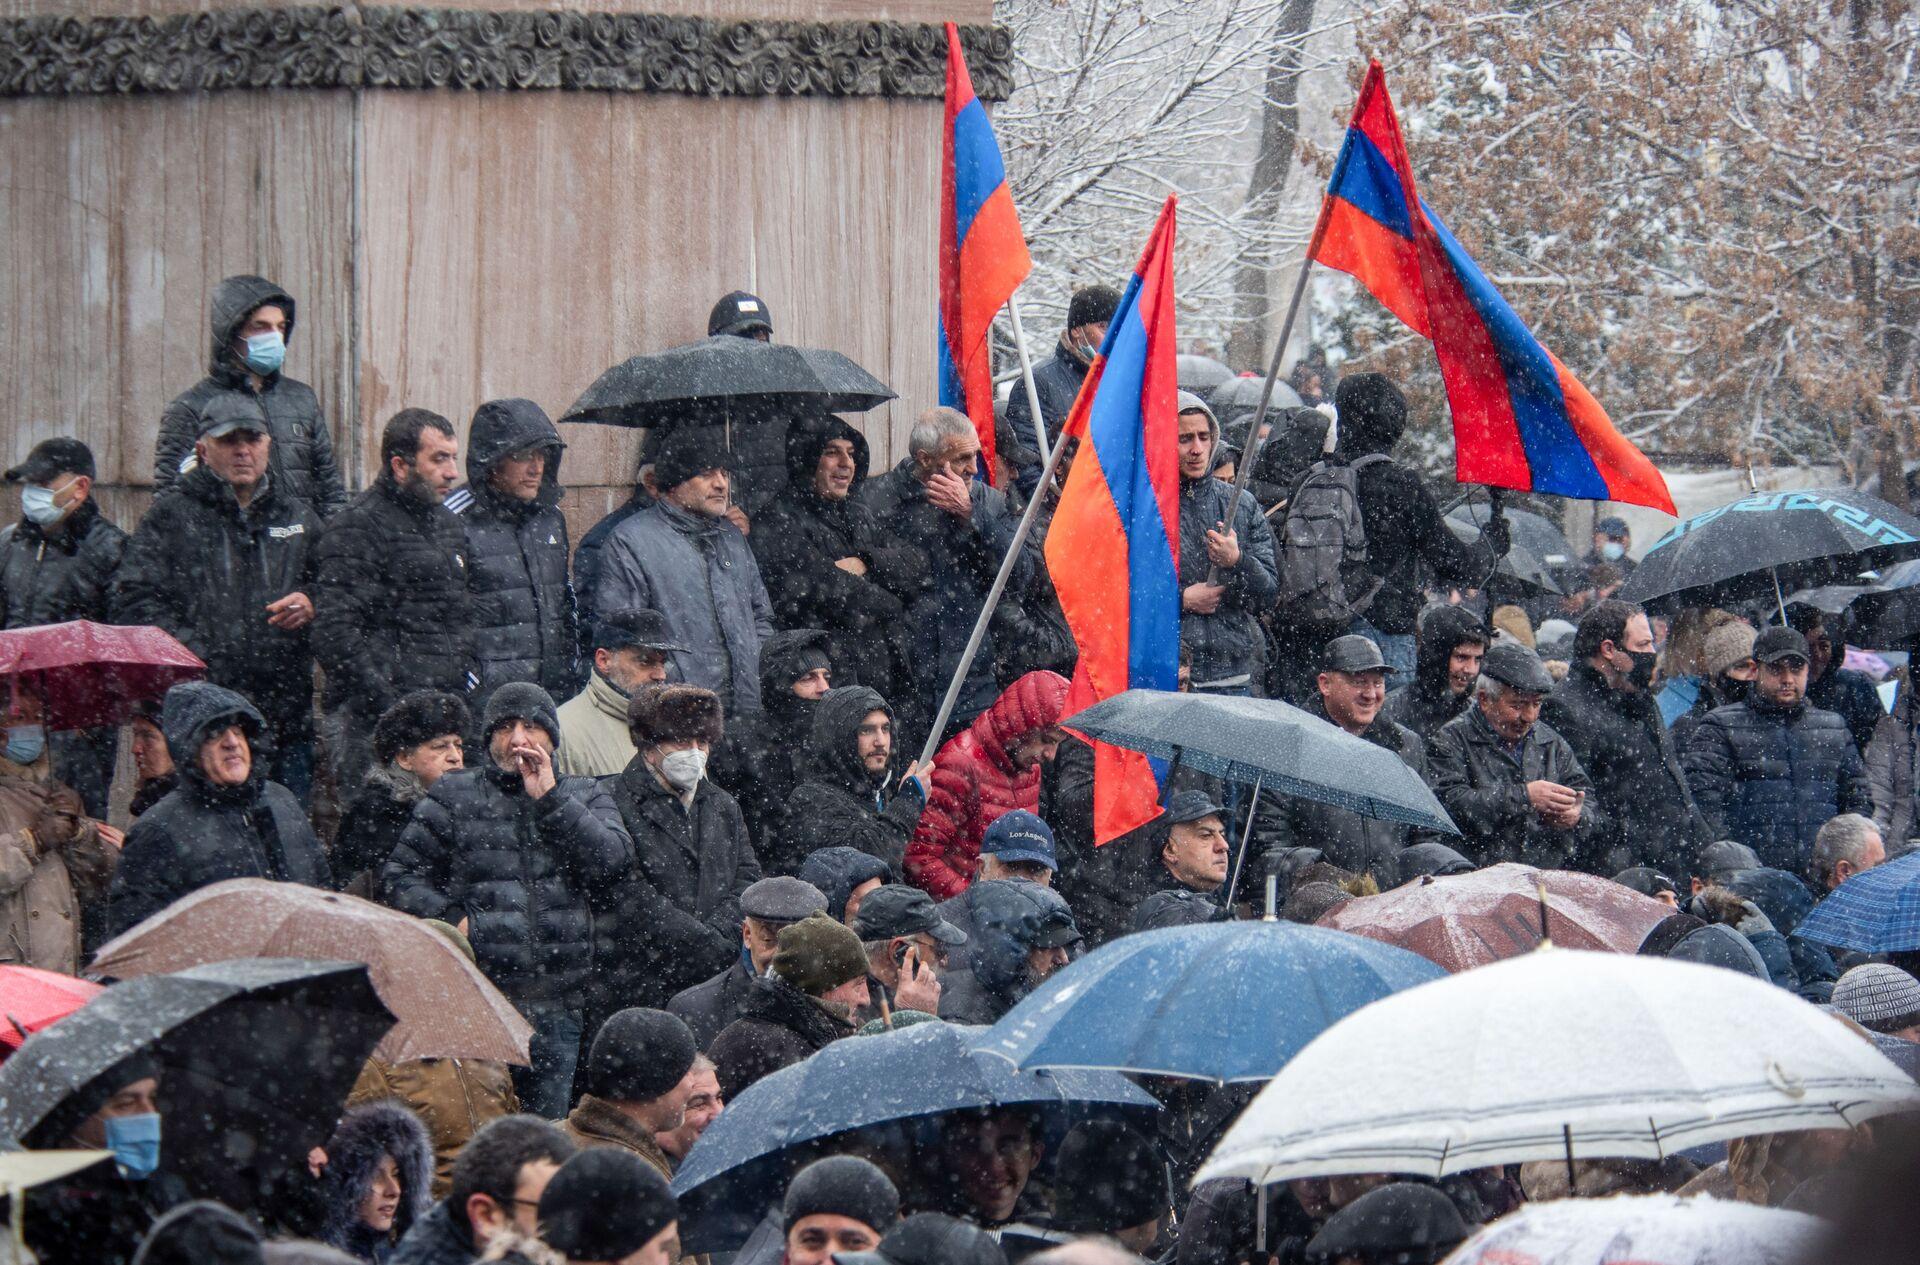 Tensioni in Armenia, il presidente incontra il capo di stato maggiore generale - Sputnik Italia, 1920, 26.02.2021